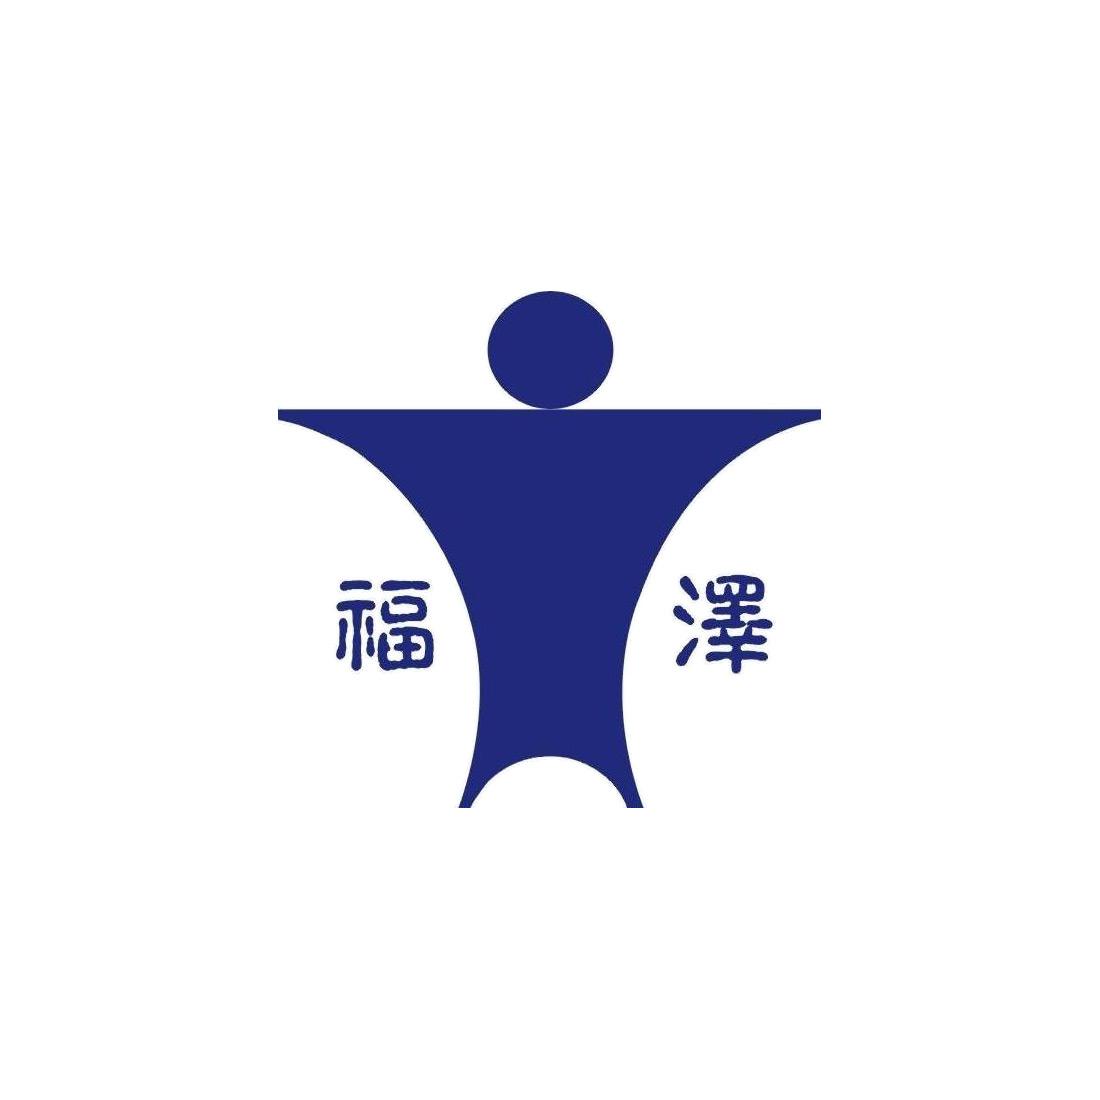 高雄市福澤慈善事業基金會